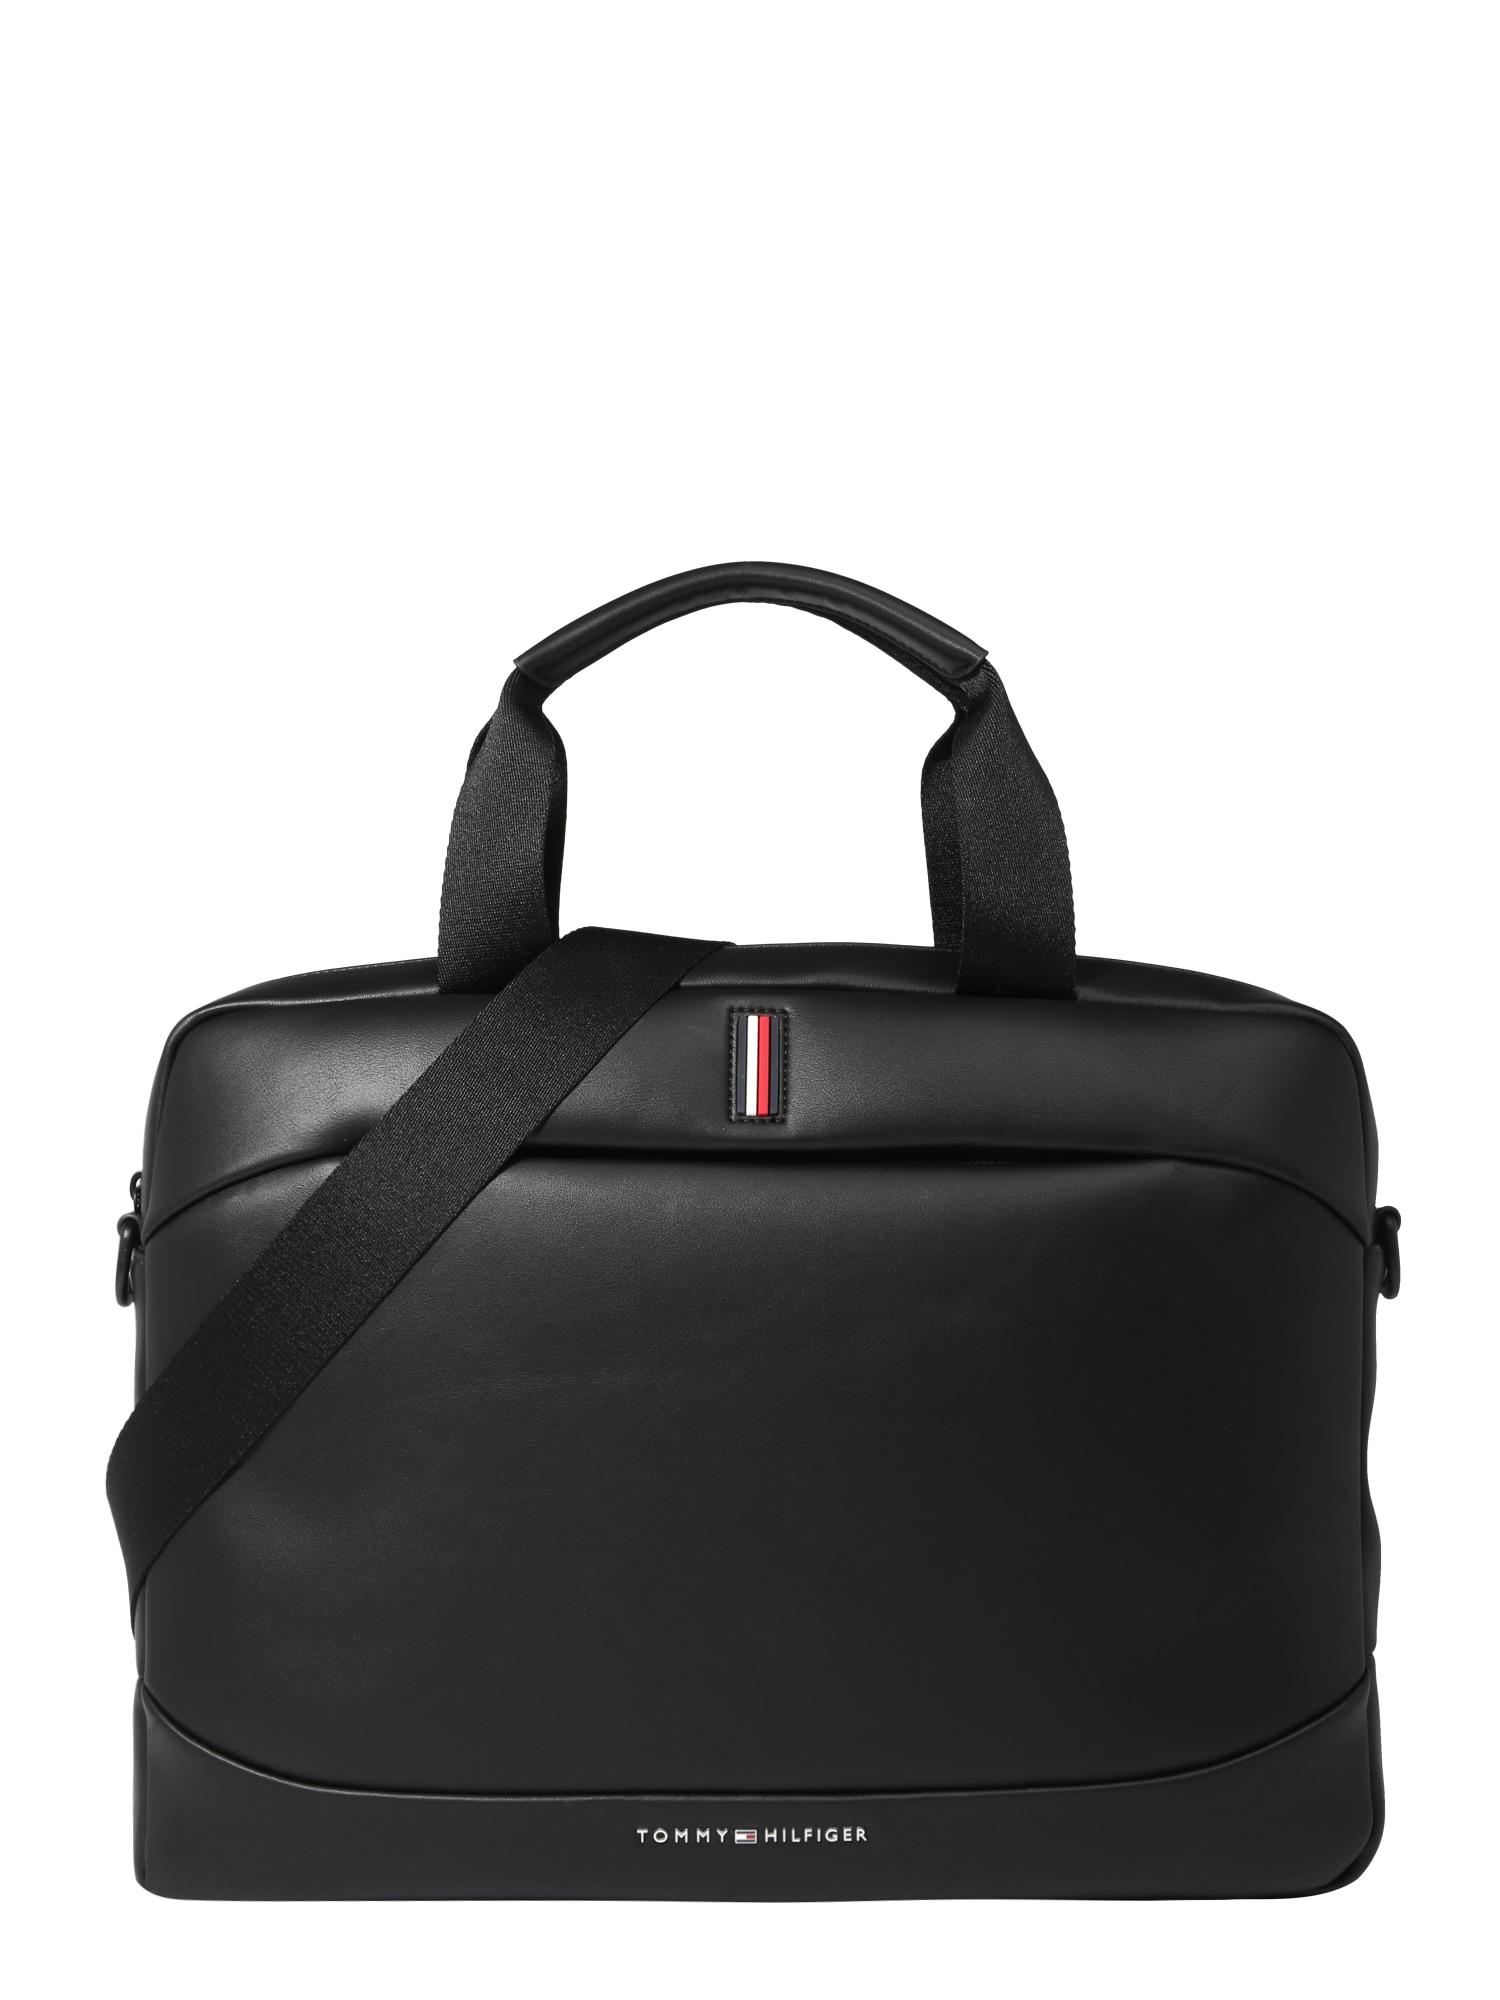 TOMMY HILFIGER Nešiojamo kompiuterio krepšys 'METRO' juoda